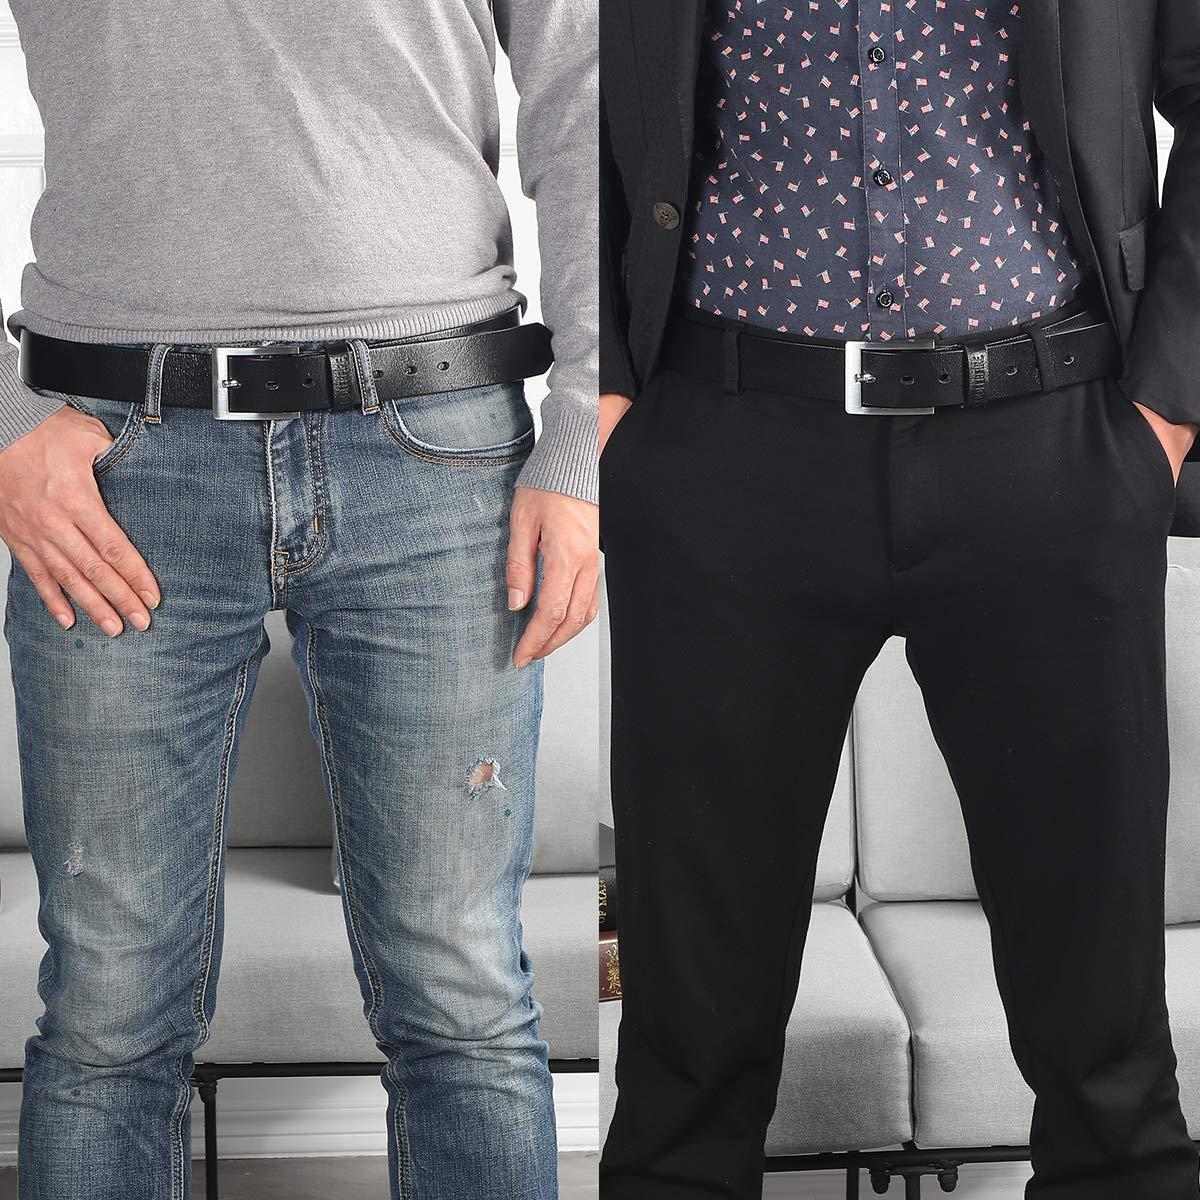 Amazon.com: Cinturones de cuero genuino para hombre, todos ...